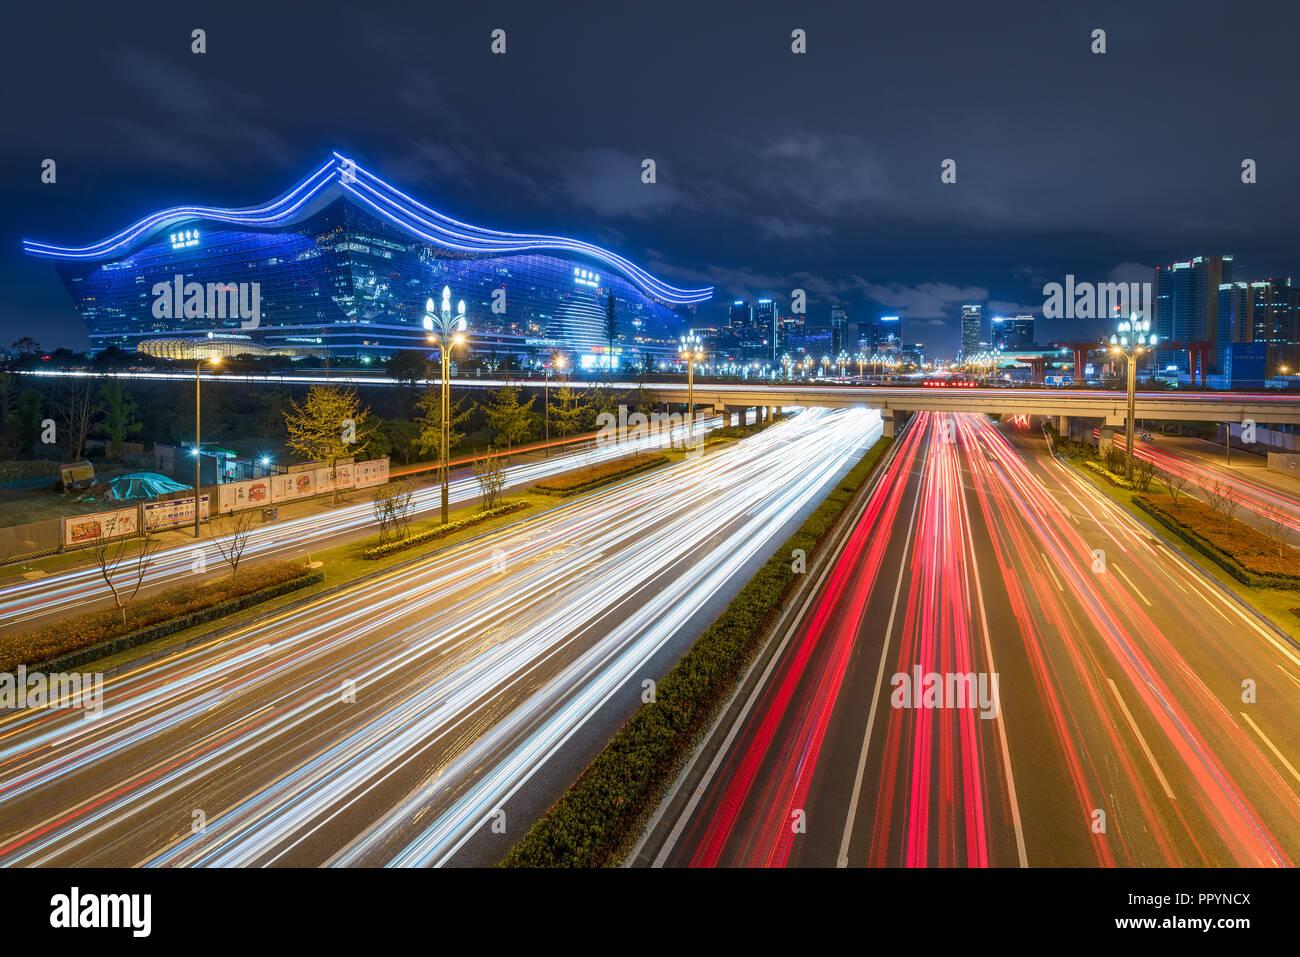 Chengdu, province du Sichuan, Chine - 27 Sept 2018: feu de signalisation des sentiers sur l'avenue Tianfu dans la nuit avec un nouveau siècle lumineux Centre mondial dans l'arrière-plan Banque D'Images